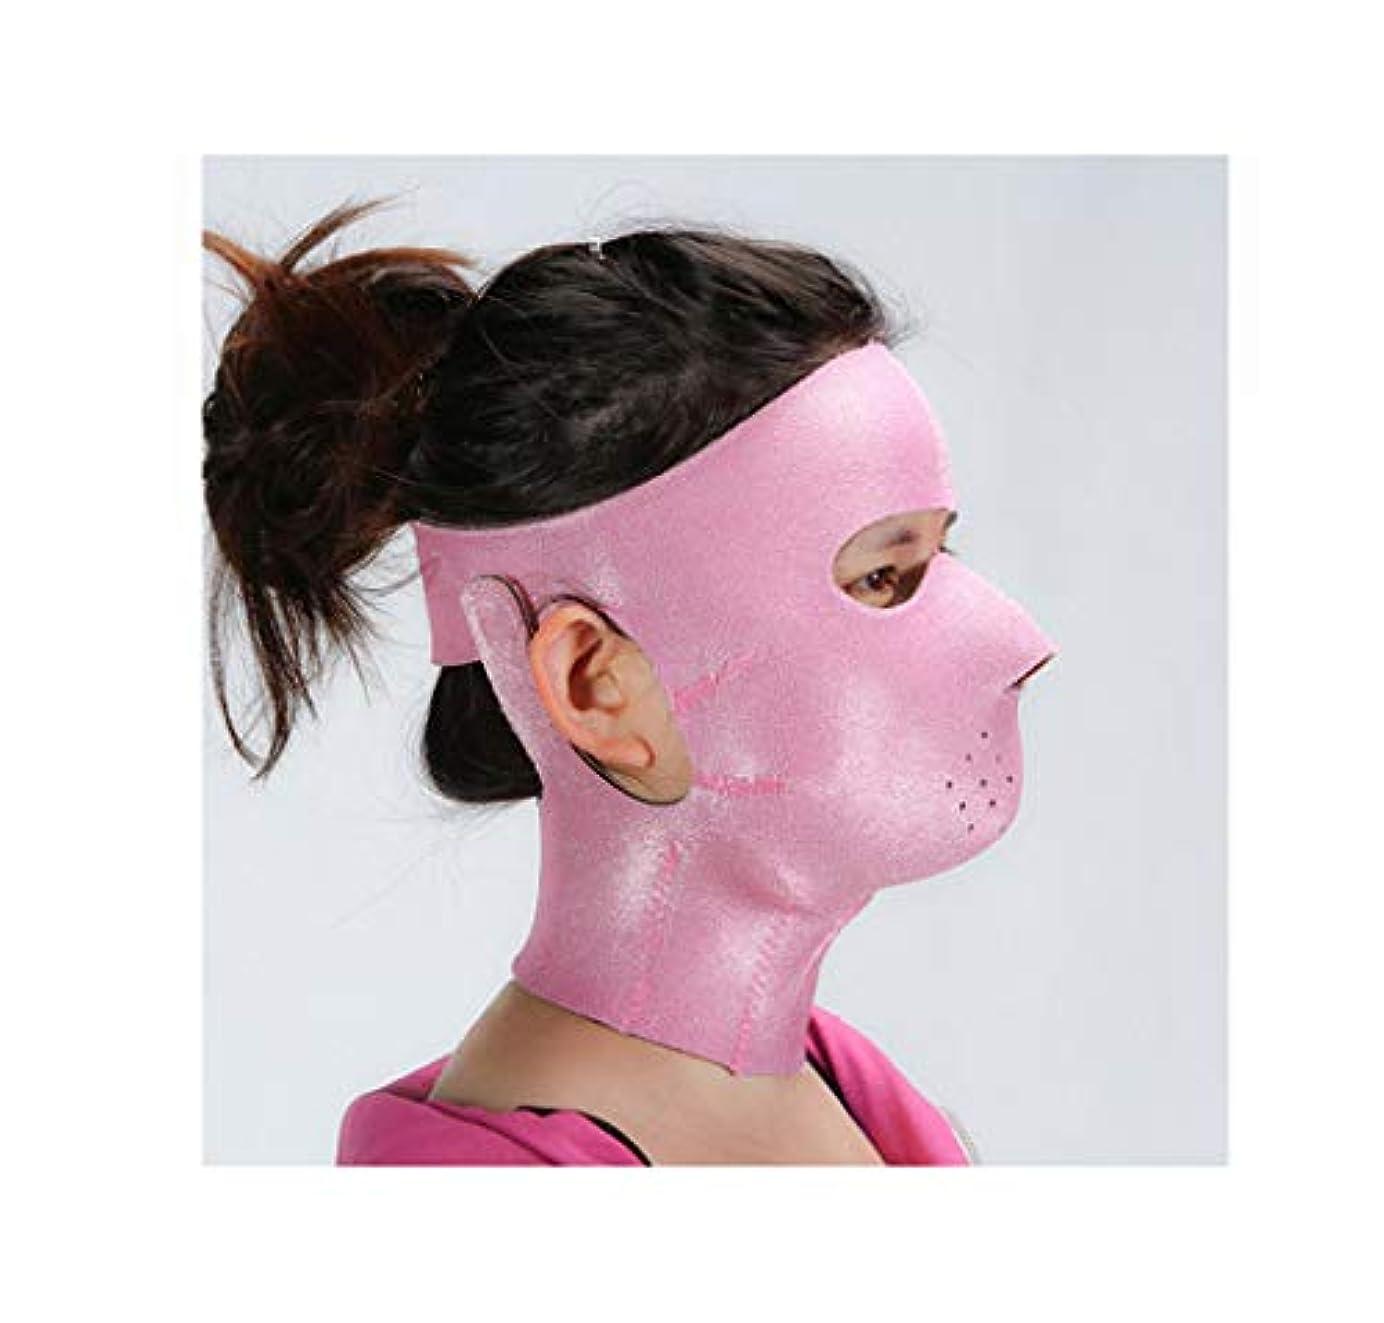 お気に入り差別する突然GLJJQMY 薄い顔マスクマスクプラス薄いマスク引き締めアンチエイジング薄いマスク顔の薄い顔マスクアーティファクト美容ネックバンド 顔用整形マスク